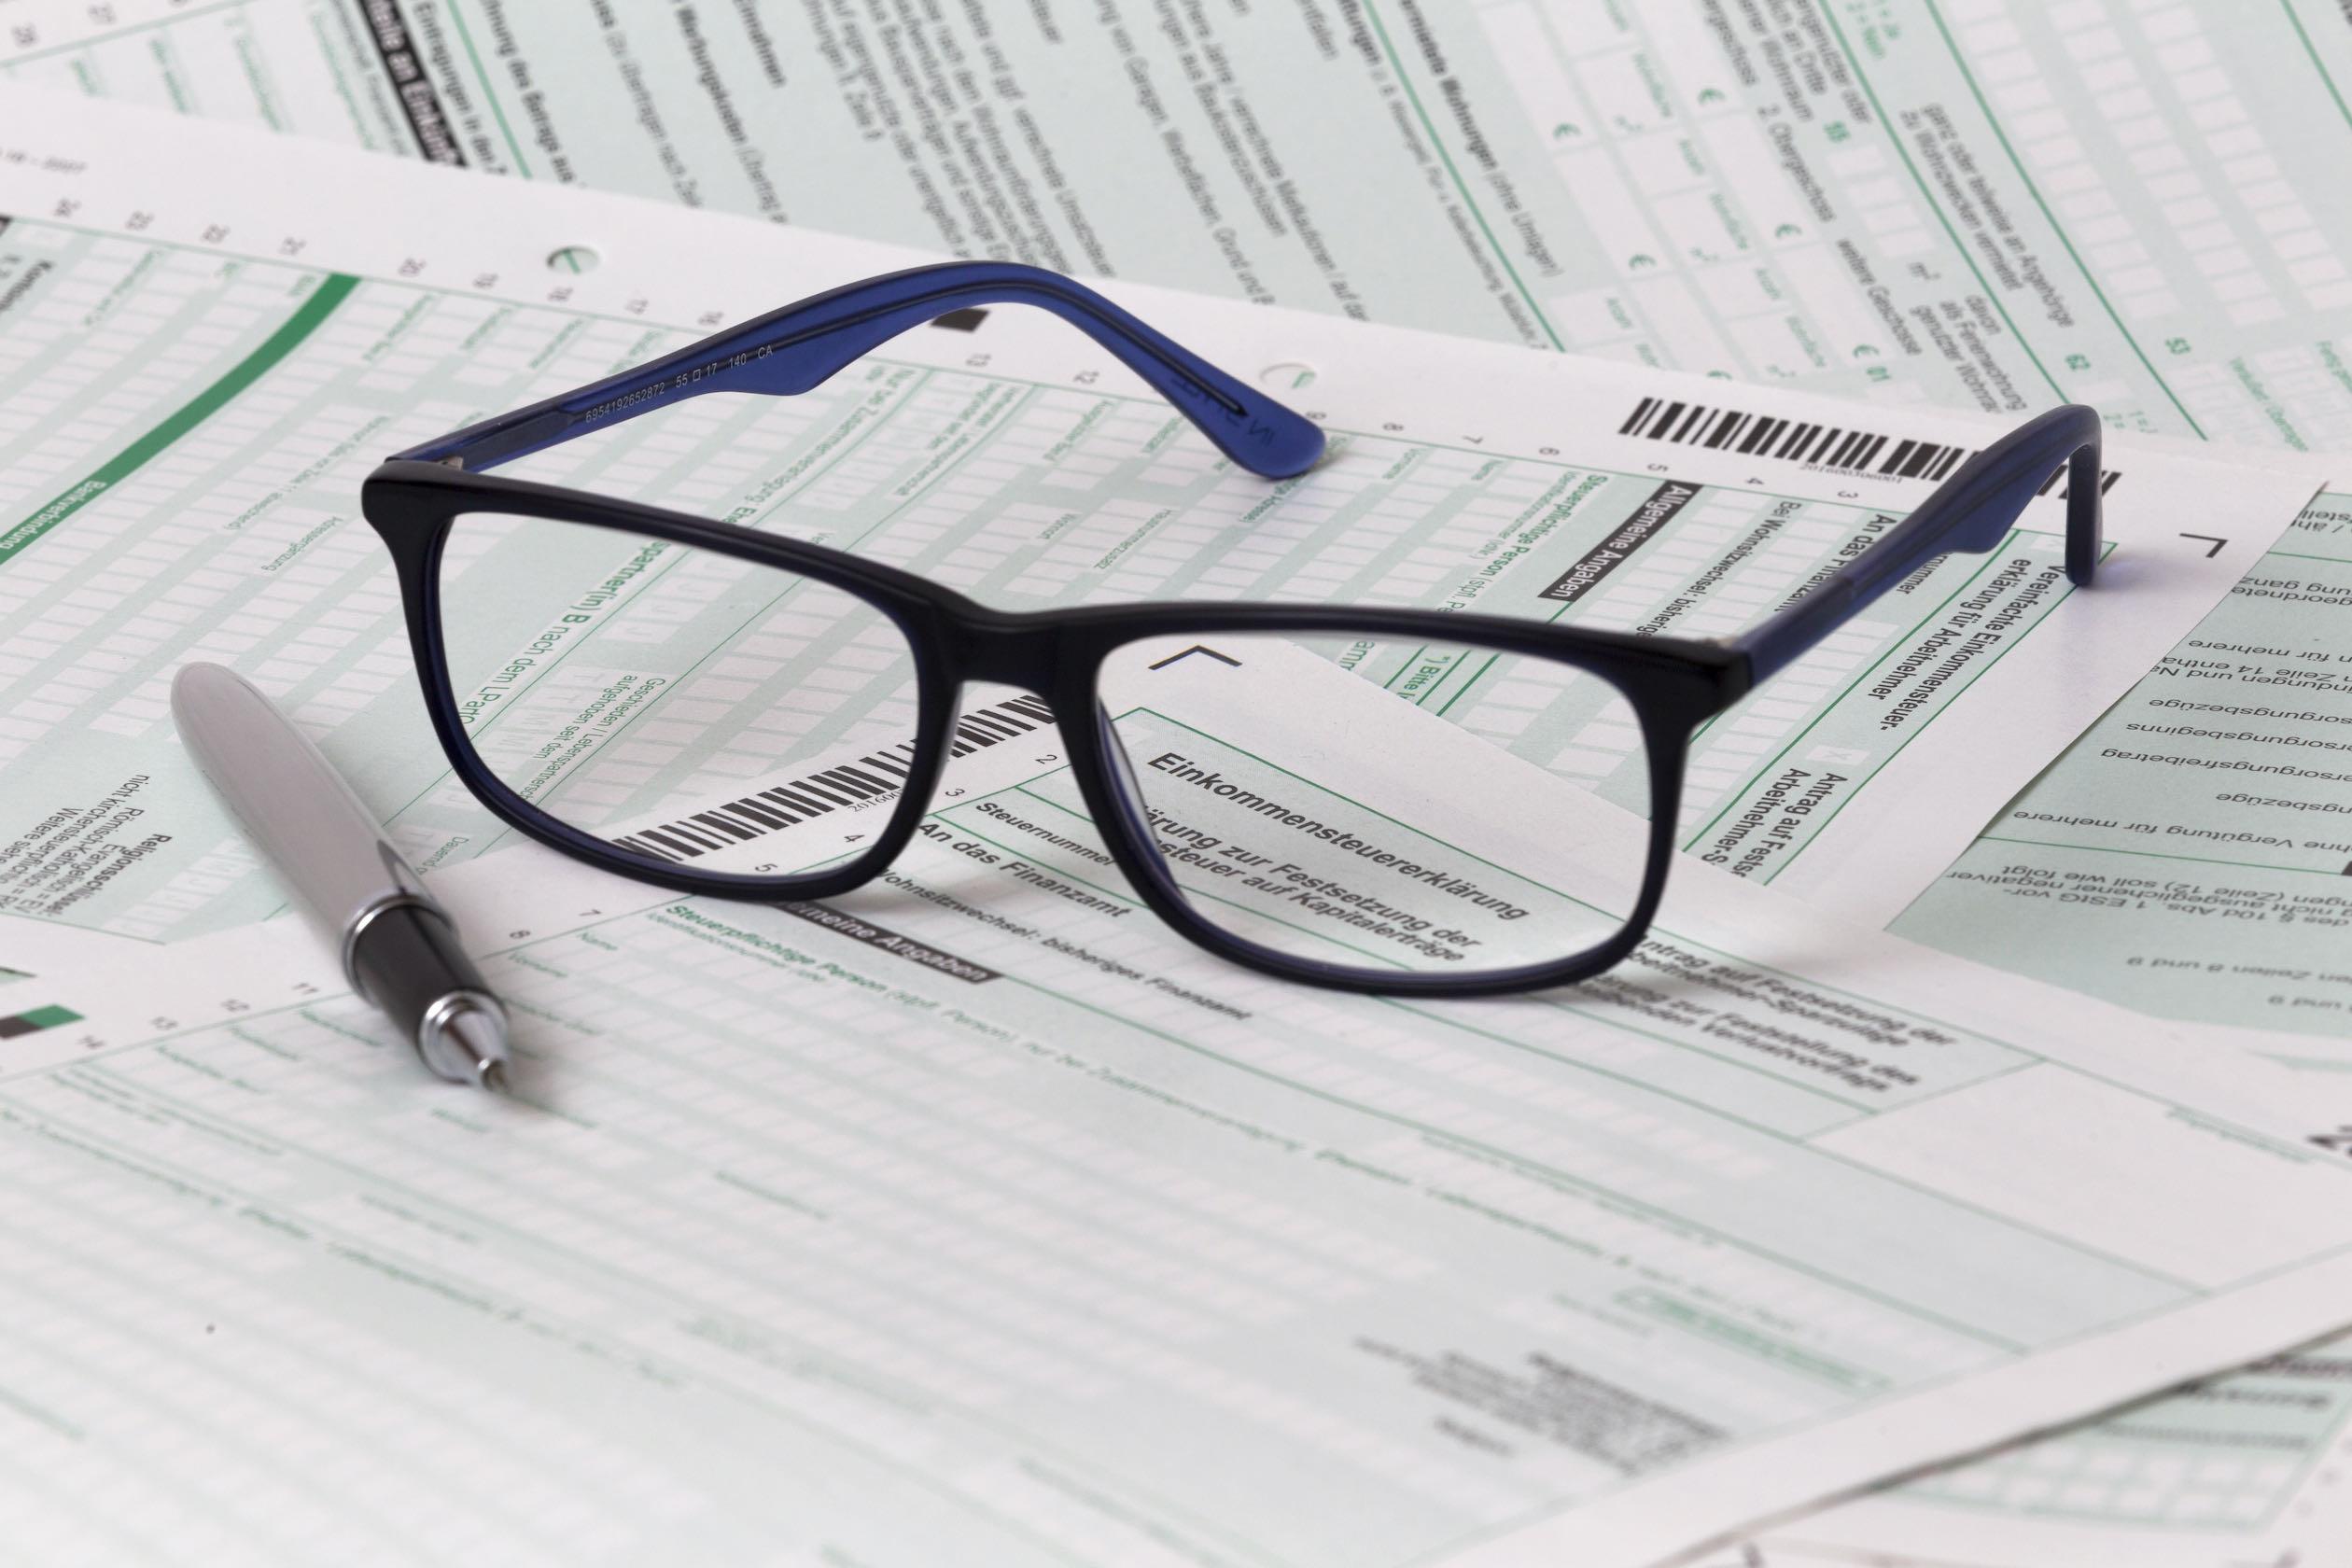 Ihre Steuererklärung